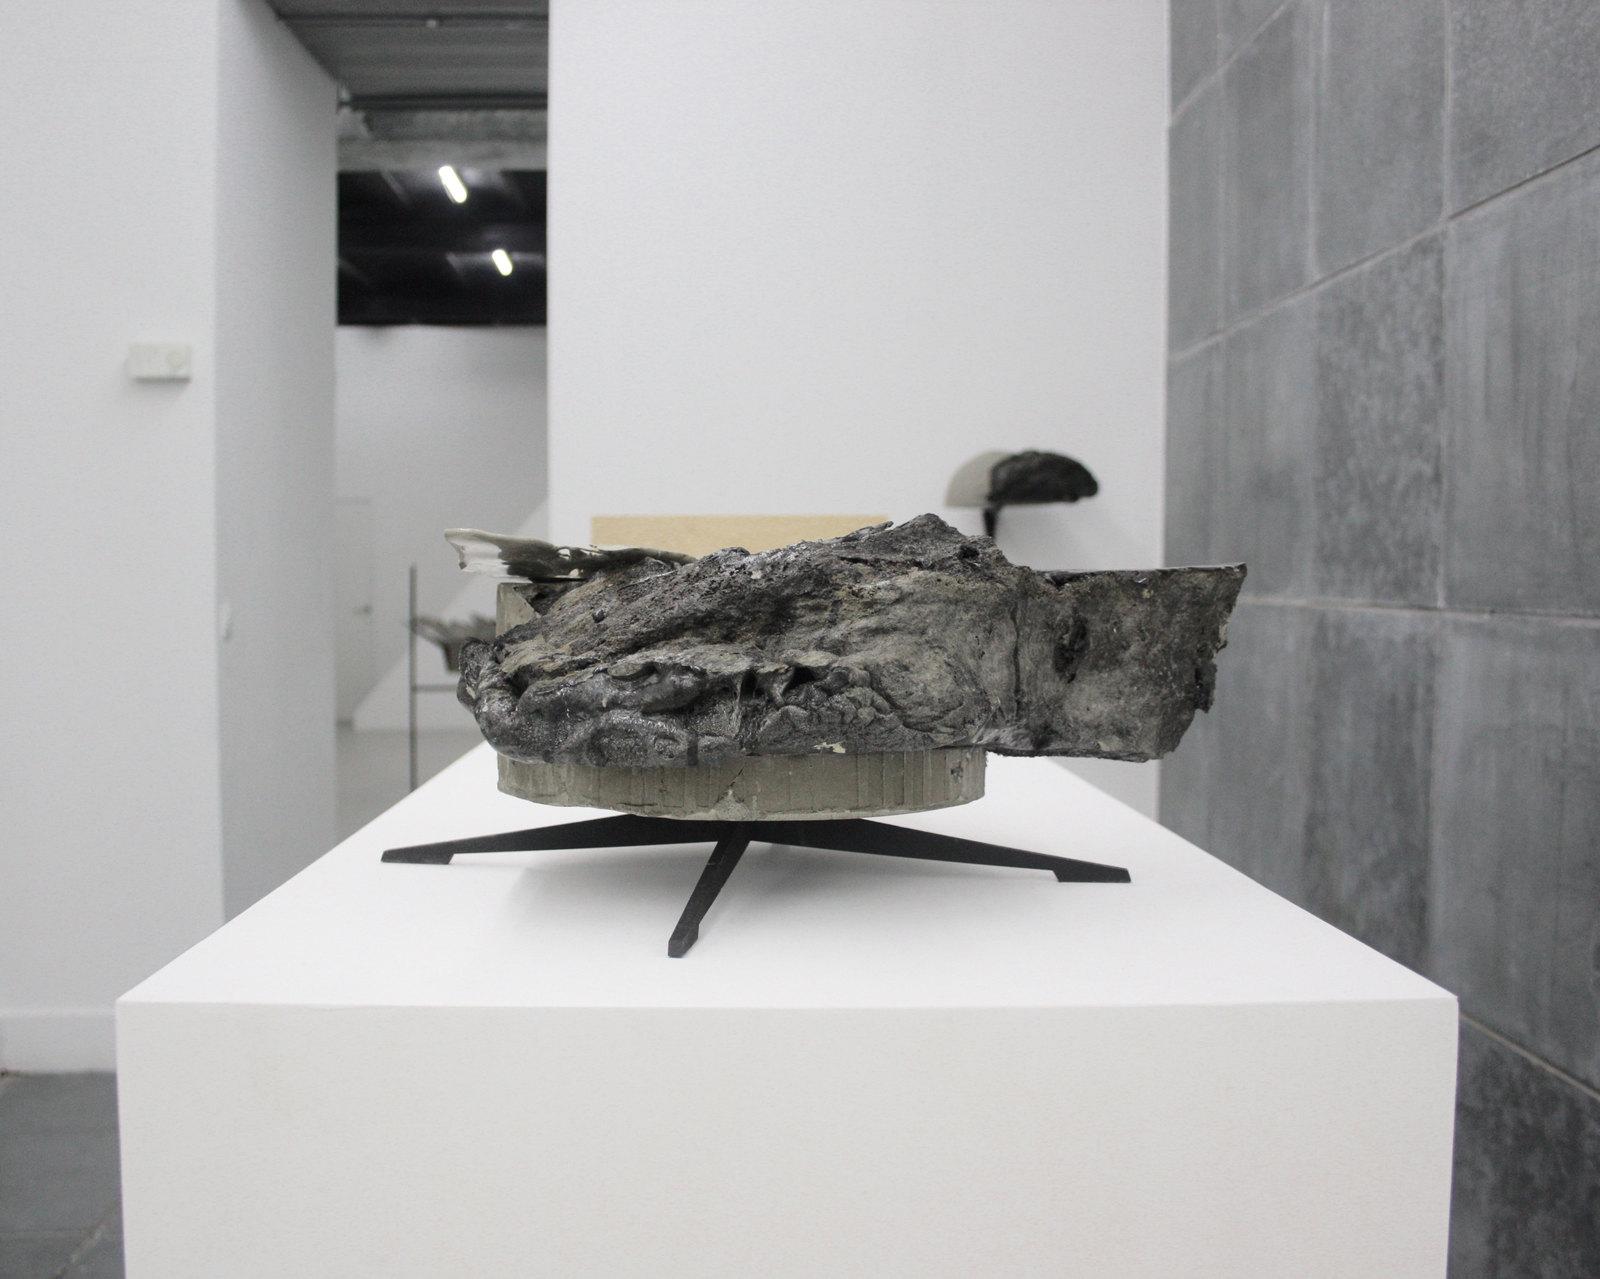 Katleen Vinck, f3.71, 2016, foam, acryl, wood, 40x45x20 cm